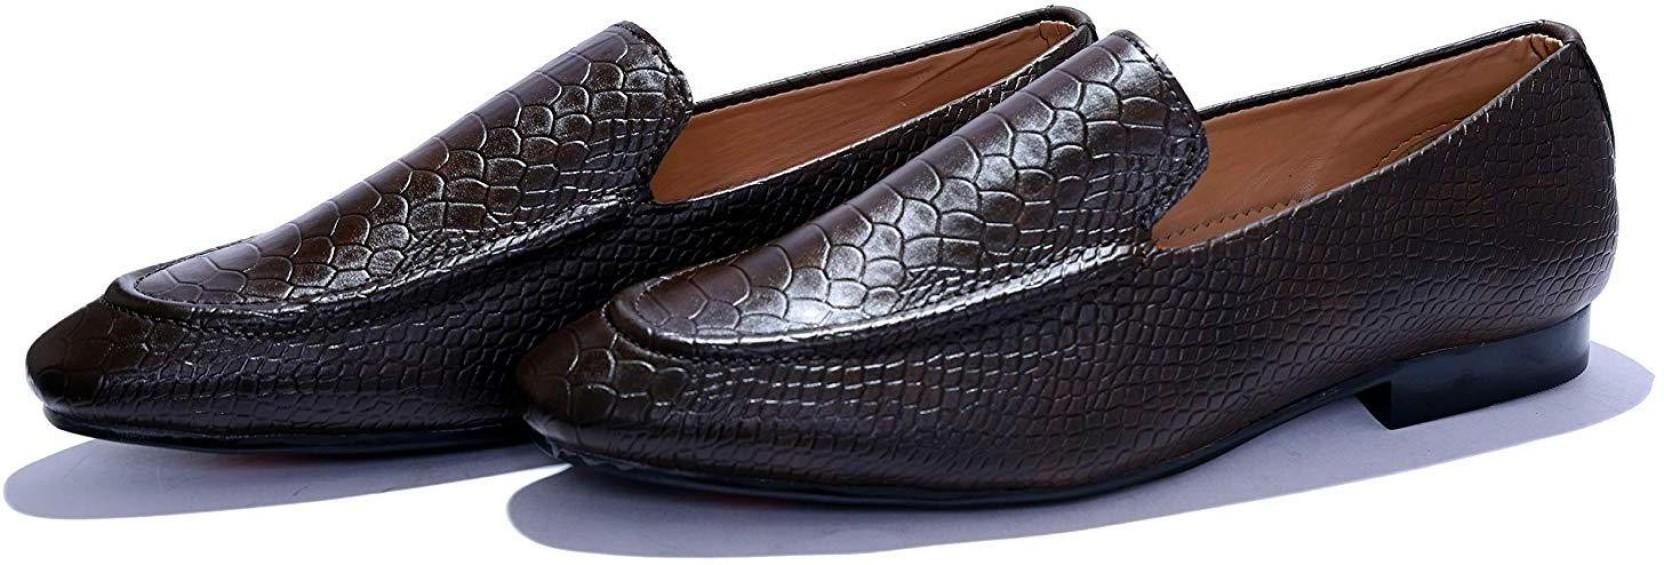 Men New Crock Slip On Black Formal//Office//Work Shoes UK Size 7.5-12